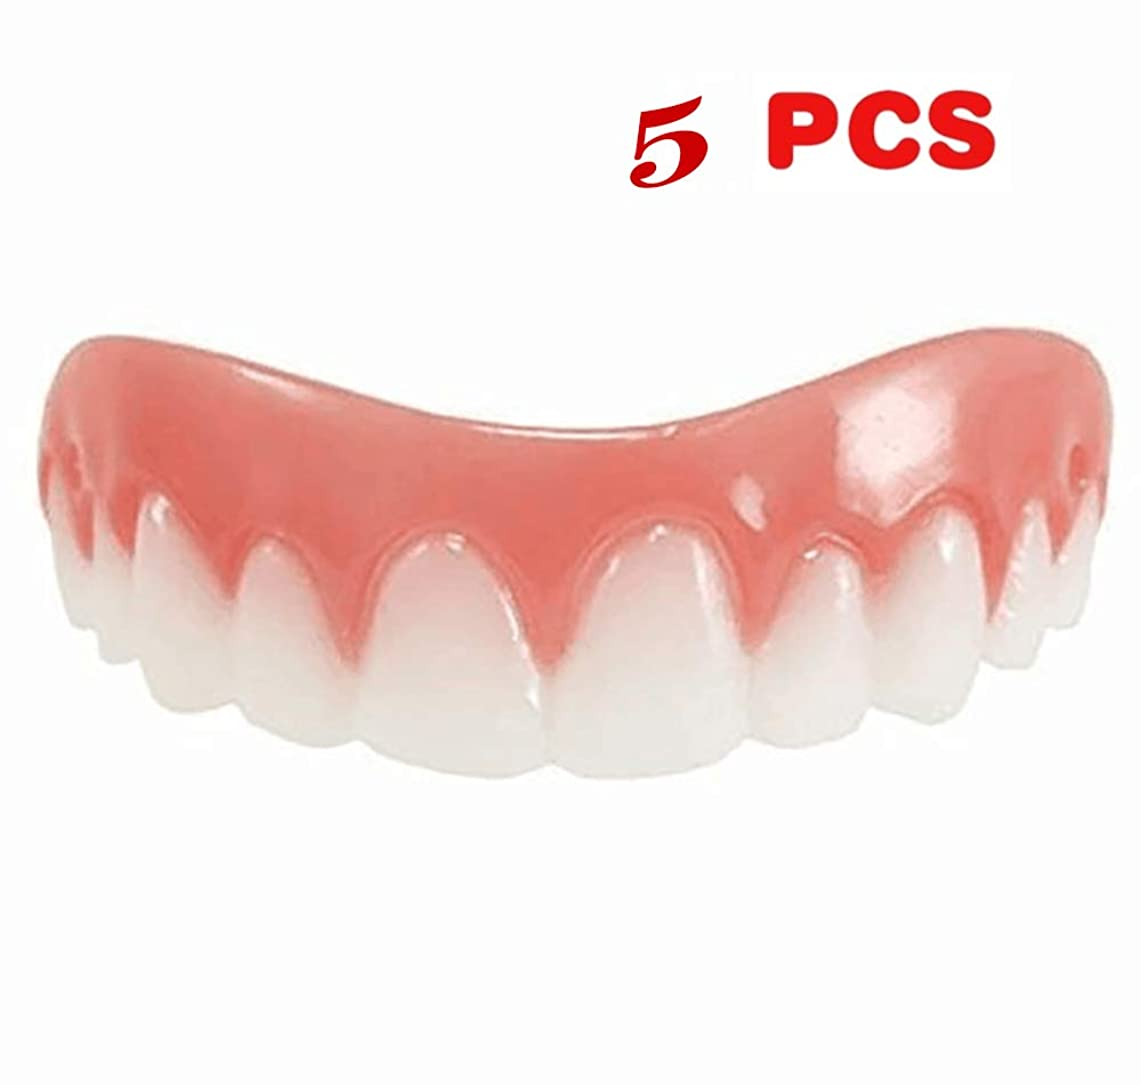 メロドラマティックドナーずんぐりした5ピース新しい再利用可能な大人のスナップオンパーフェクトスマイルホワイトニング義歯フィットフレックス化粧品歯快適な突き板カバーデンタルケアアクセサリー